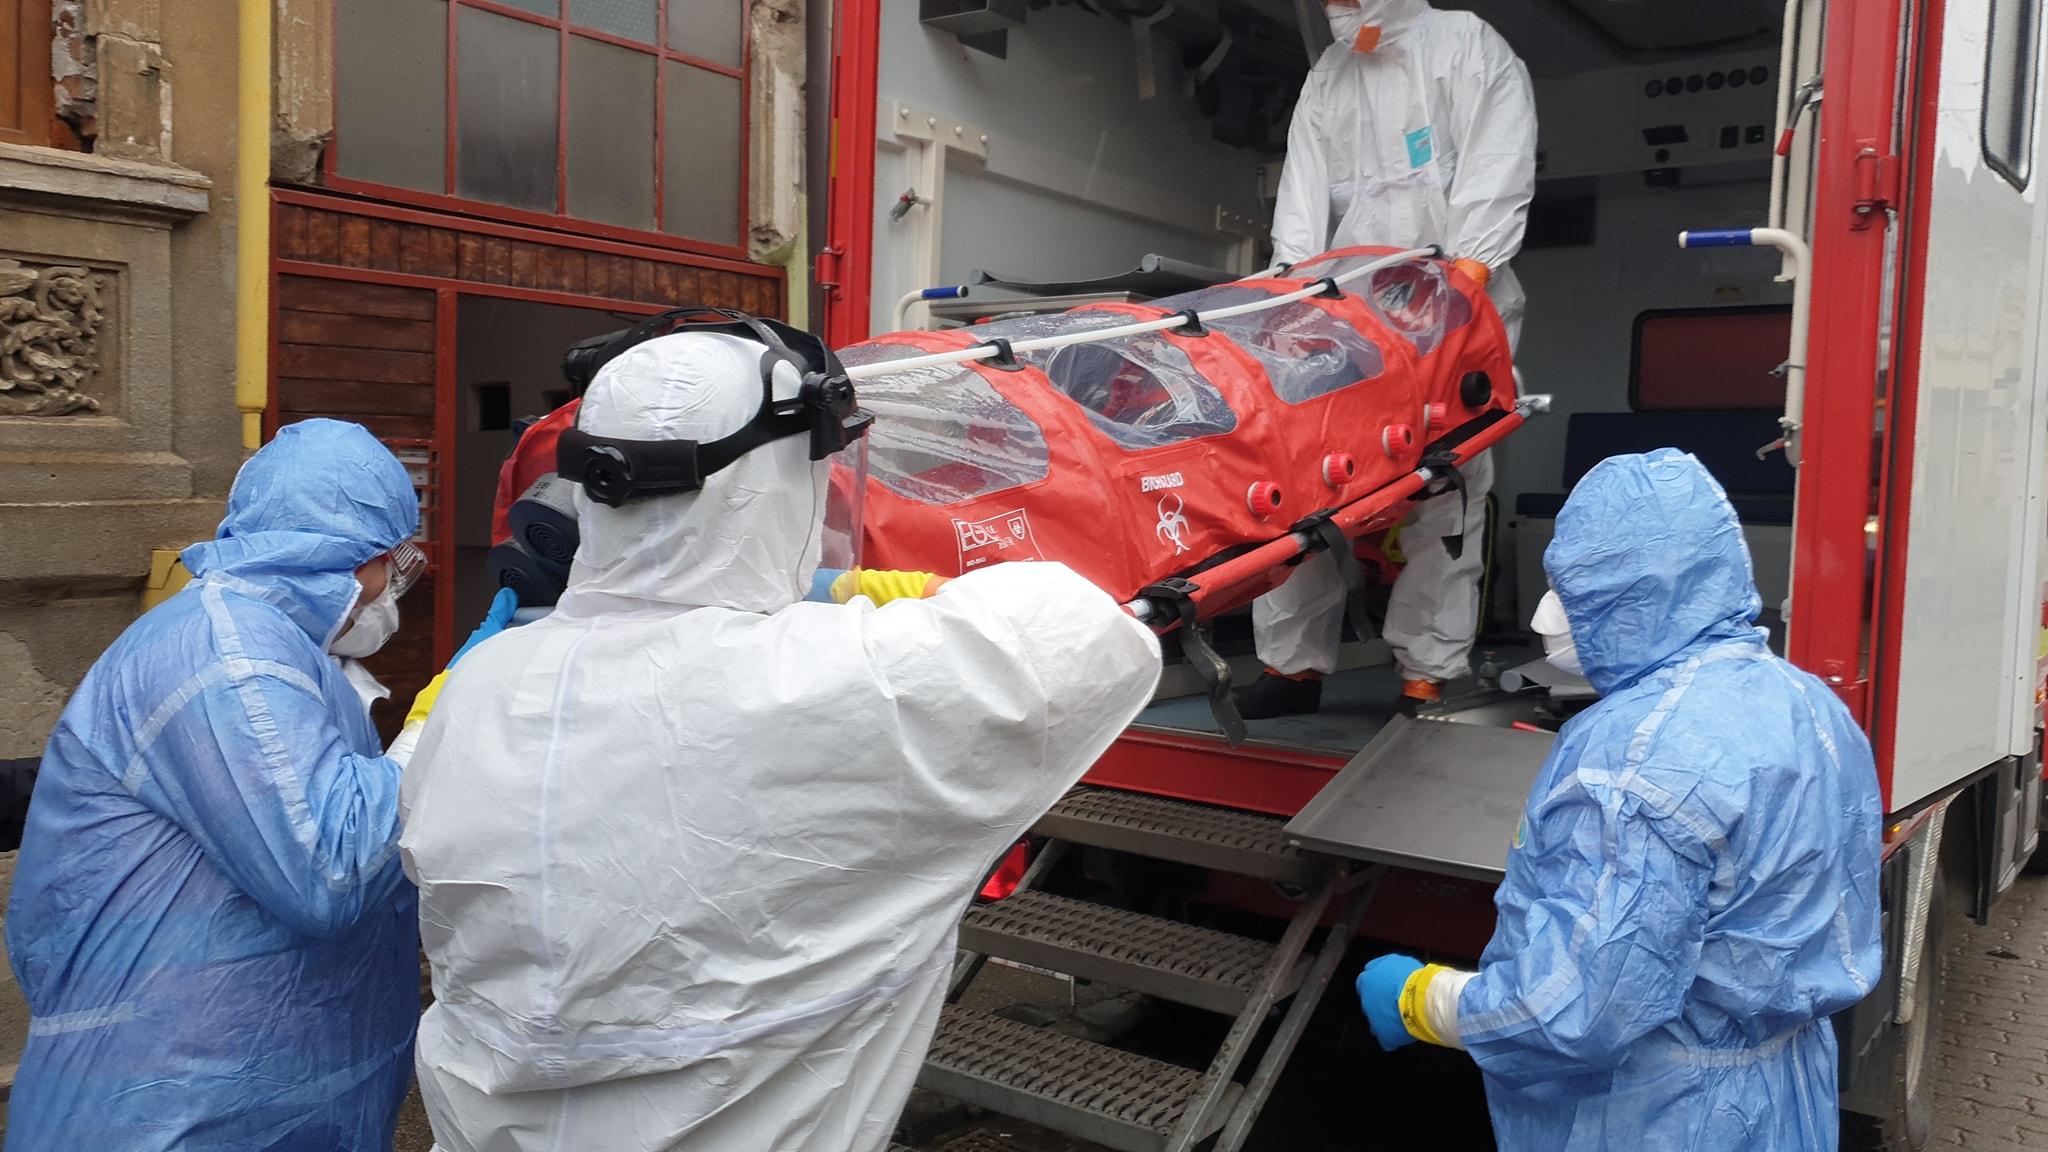 Bilant coronavirus Italia 31 martie 2020 este dezastru, aproape 1000 de morți și peste 100 mii infectați